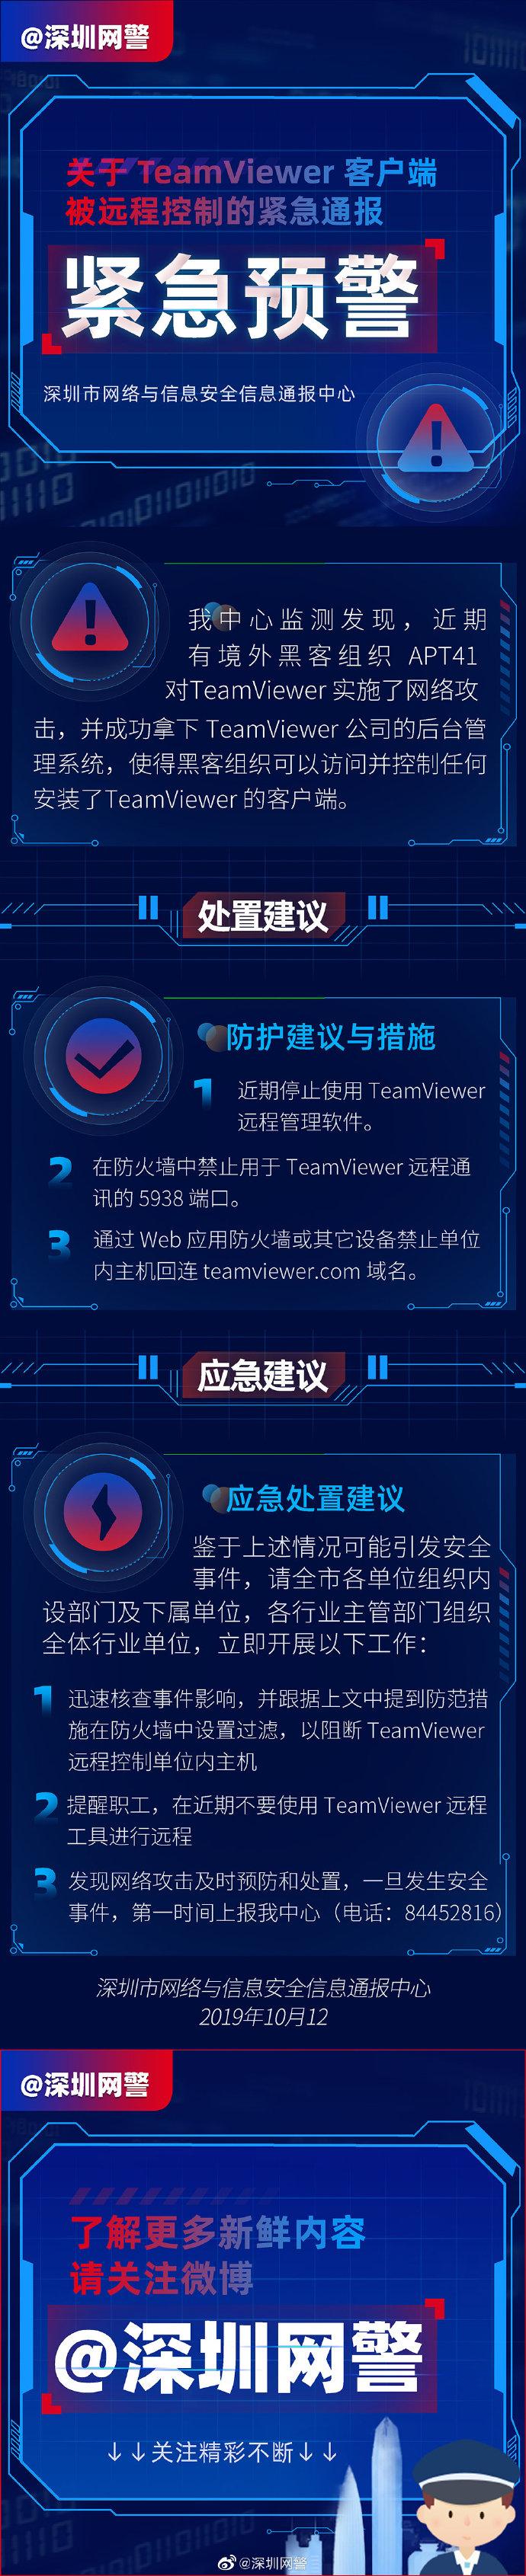 深圳网警紧急通报:TeamViewer客户端被黑客远程控制的照片 - 2